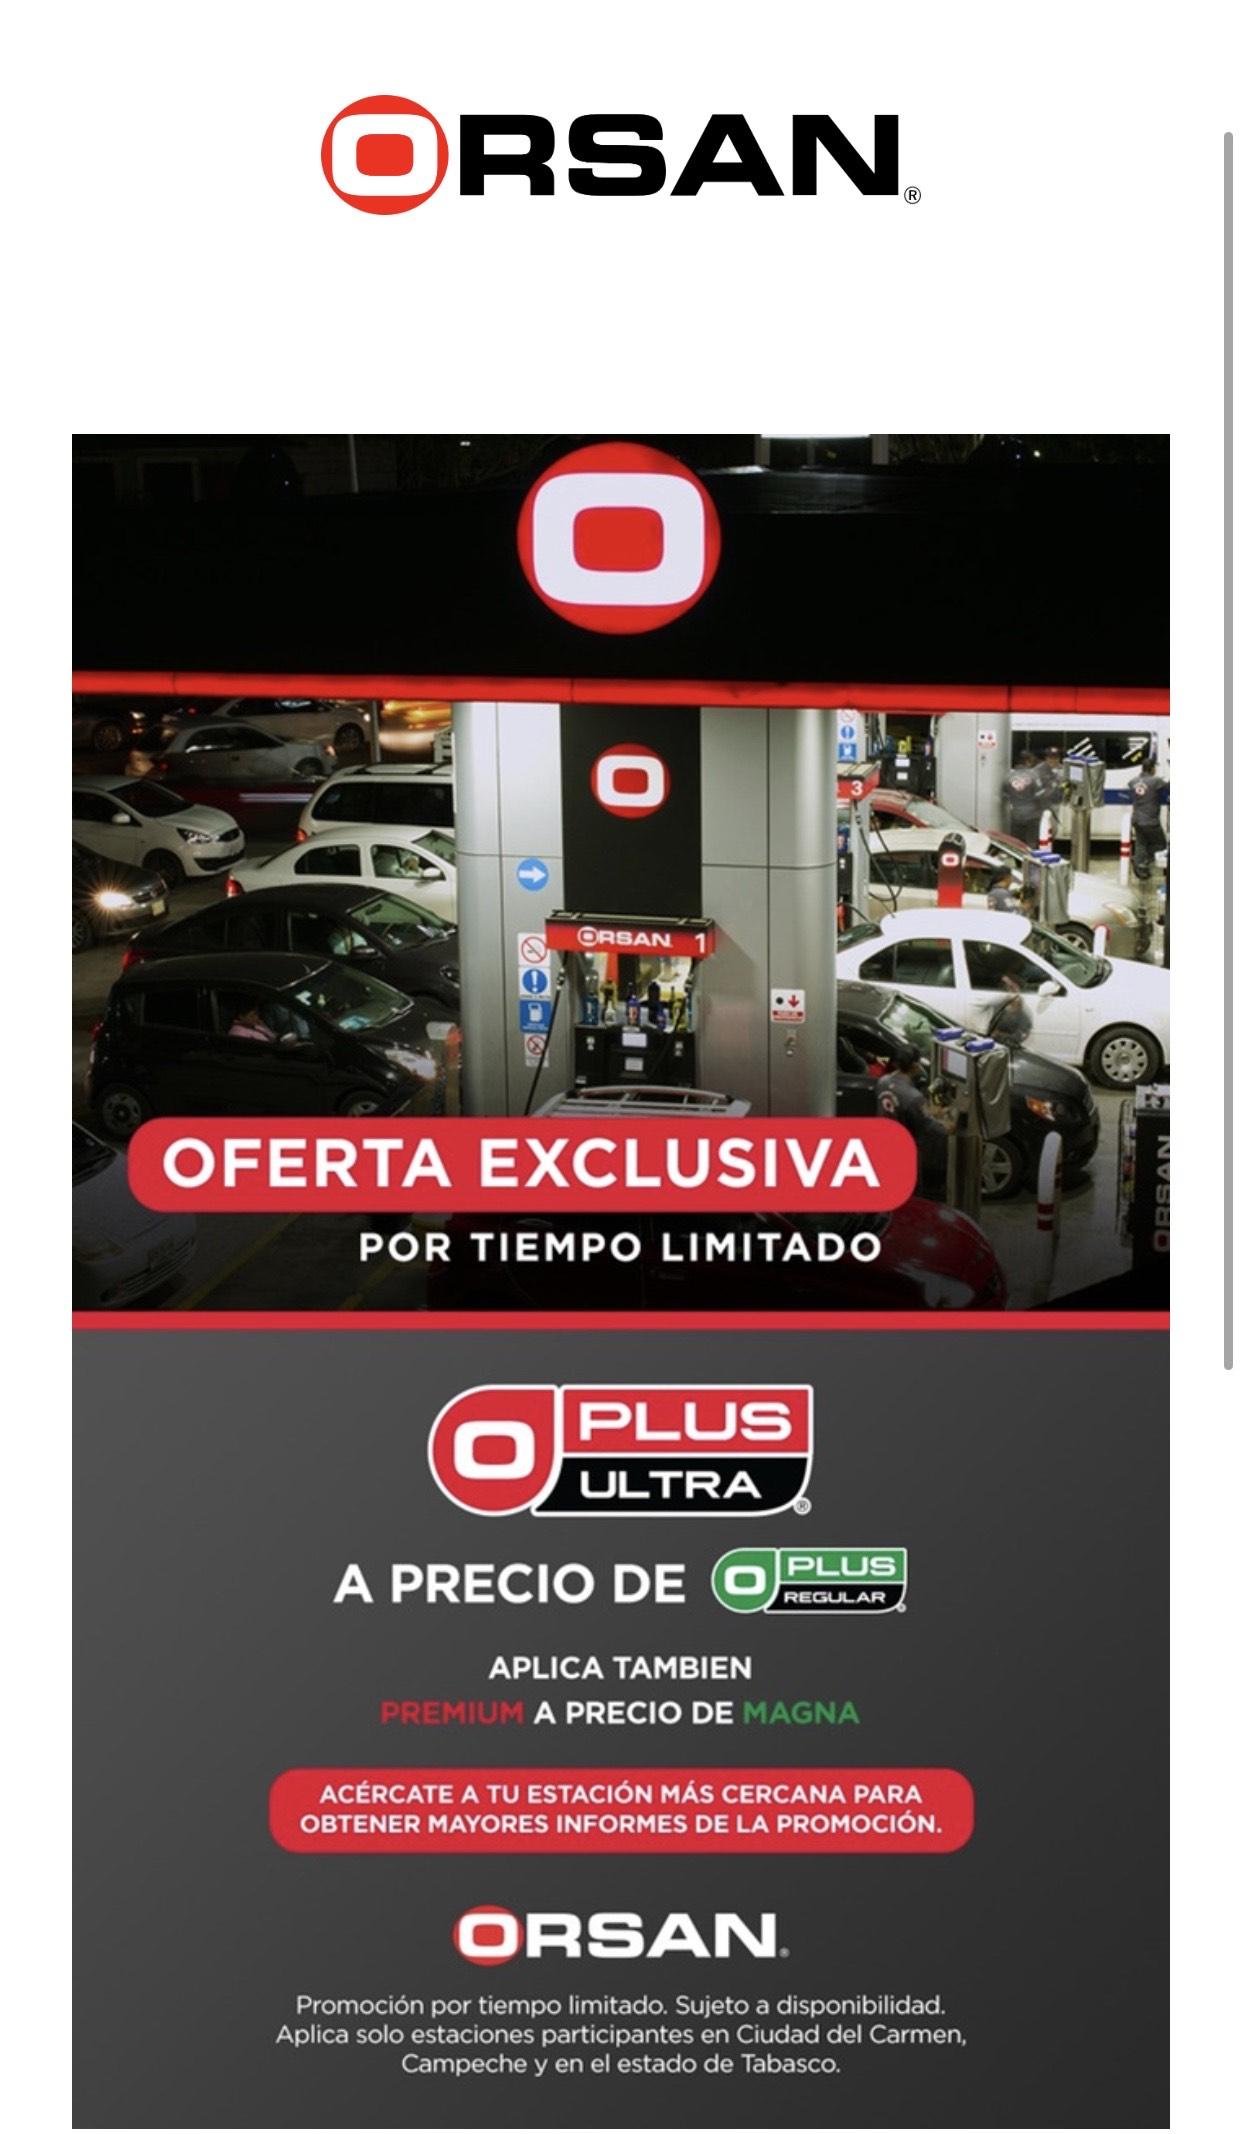 gasolineras Orsan Gasolina Premium al precio de Magna